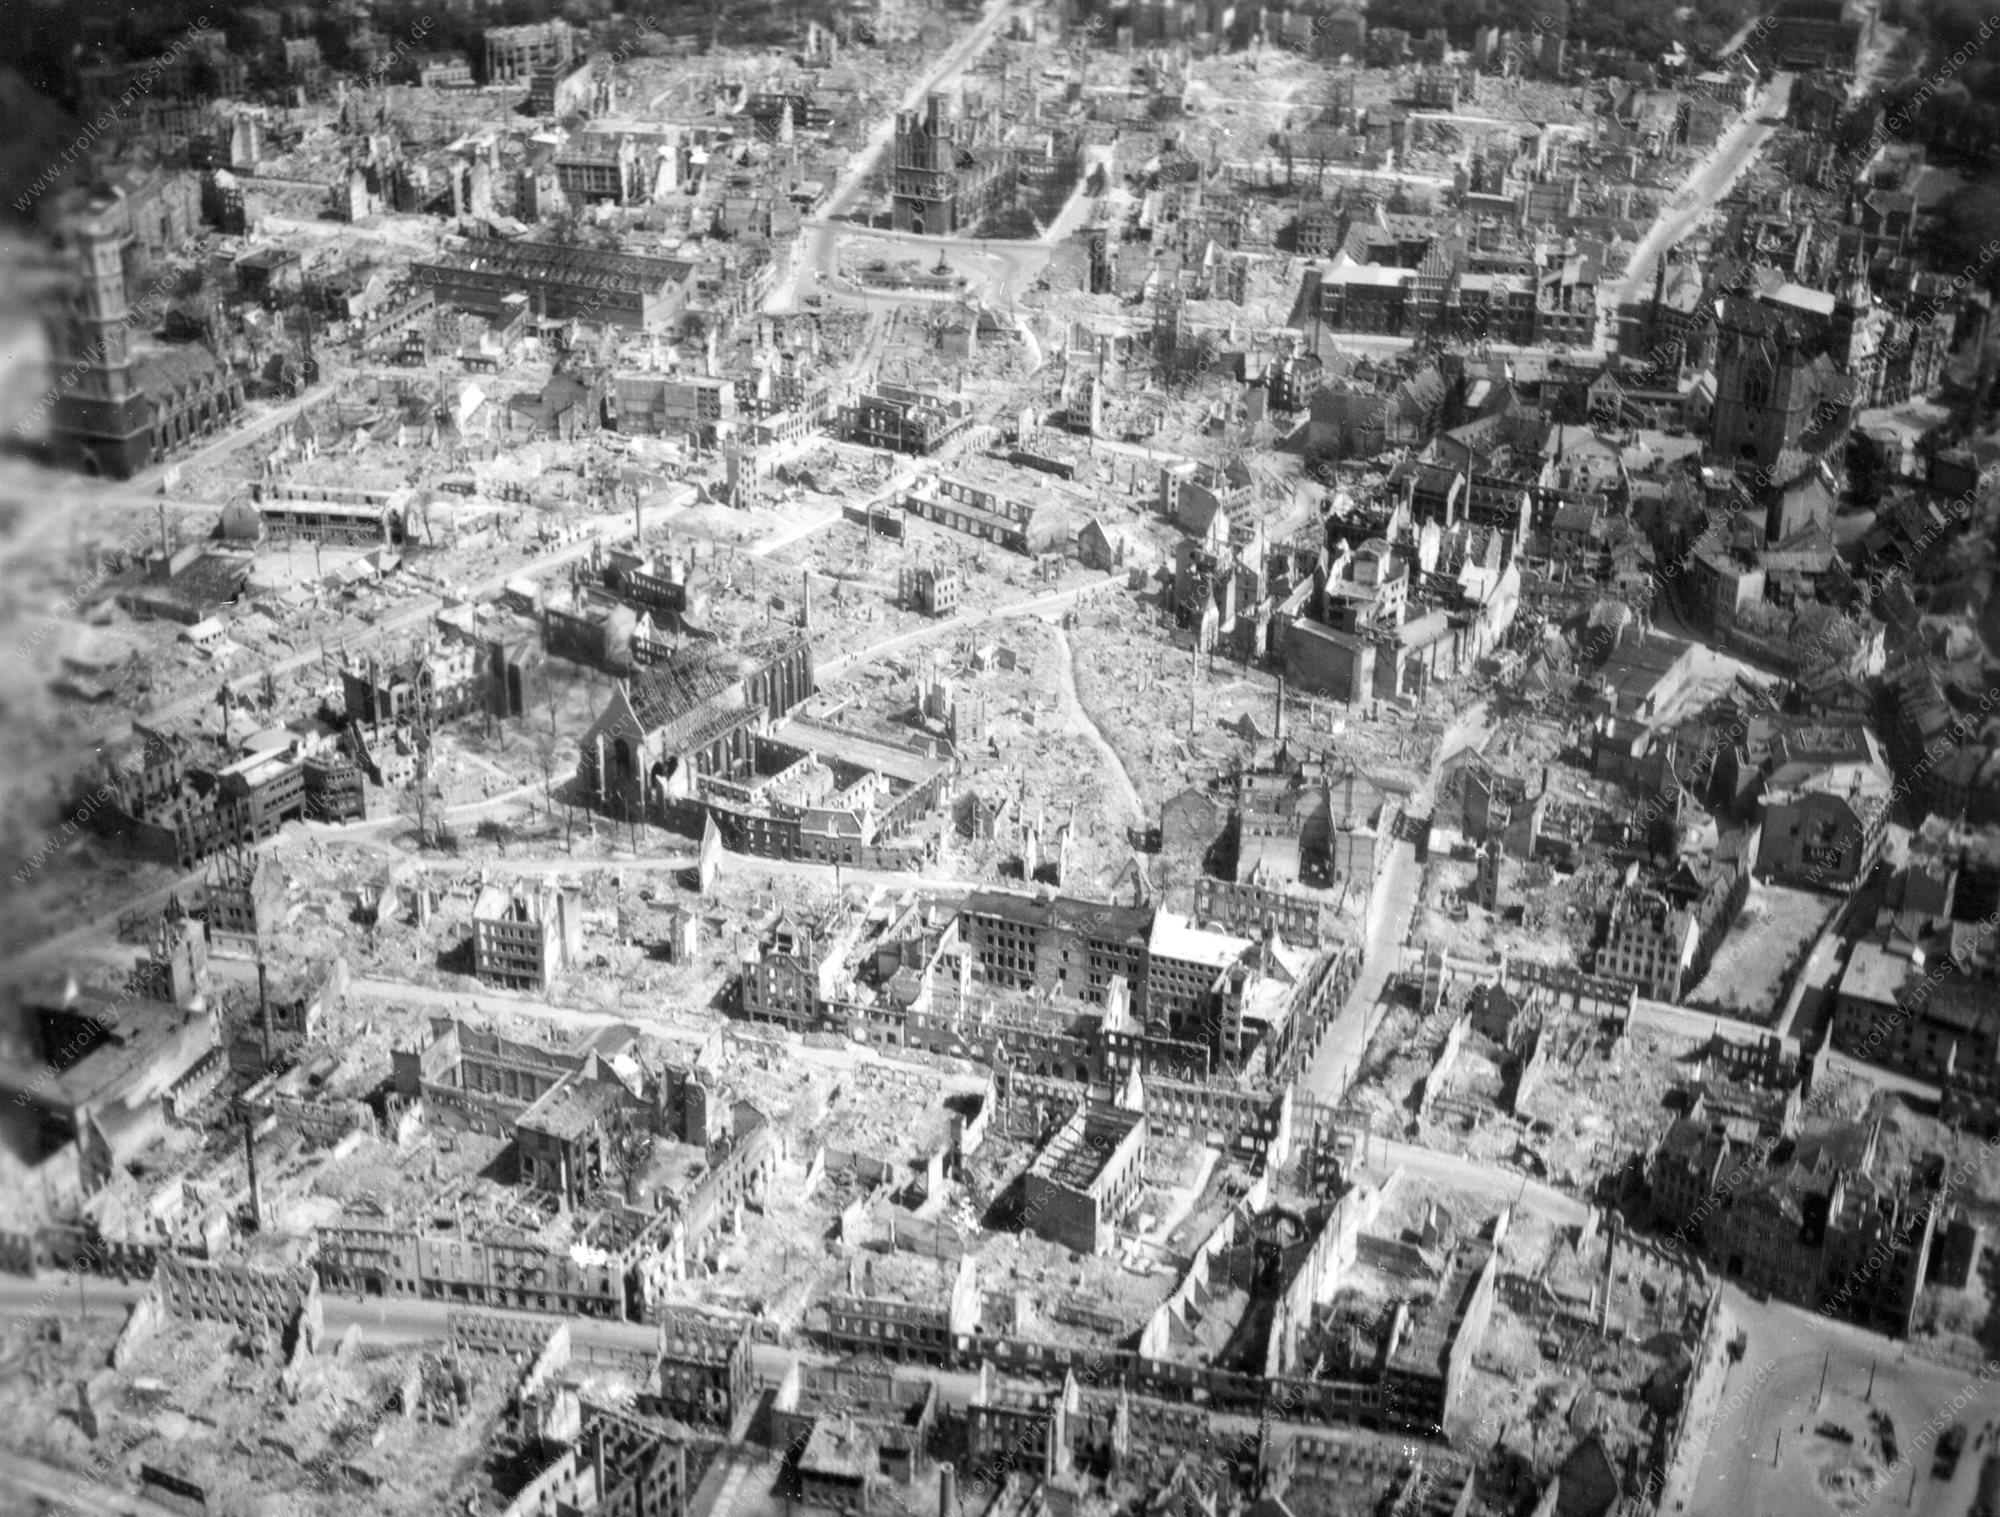 Braunschweig Luftbild mit Andreaskirche, Braunschweiger Dom und St. Katharinen